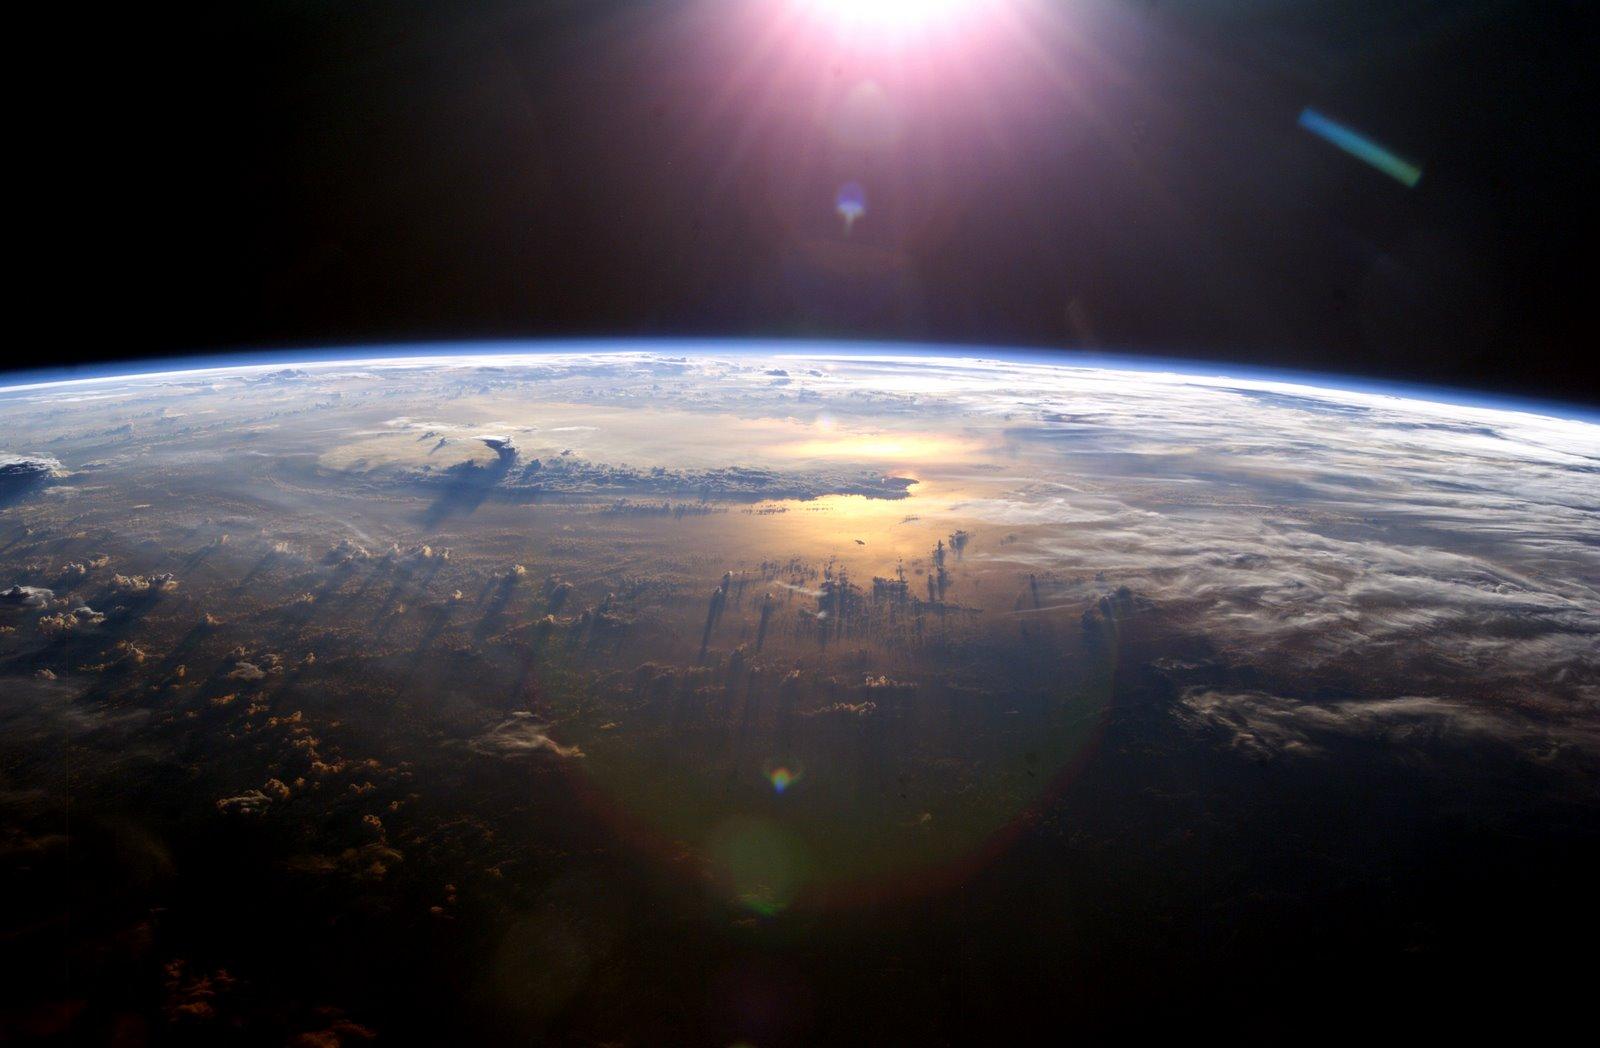 На что была бы похожа обитаемая планета в два раза больше Земли - 3